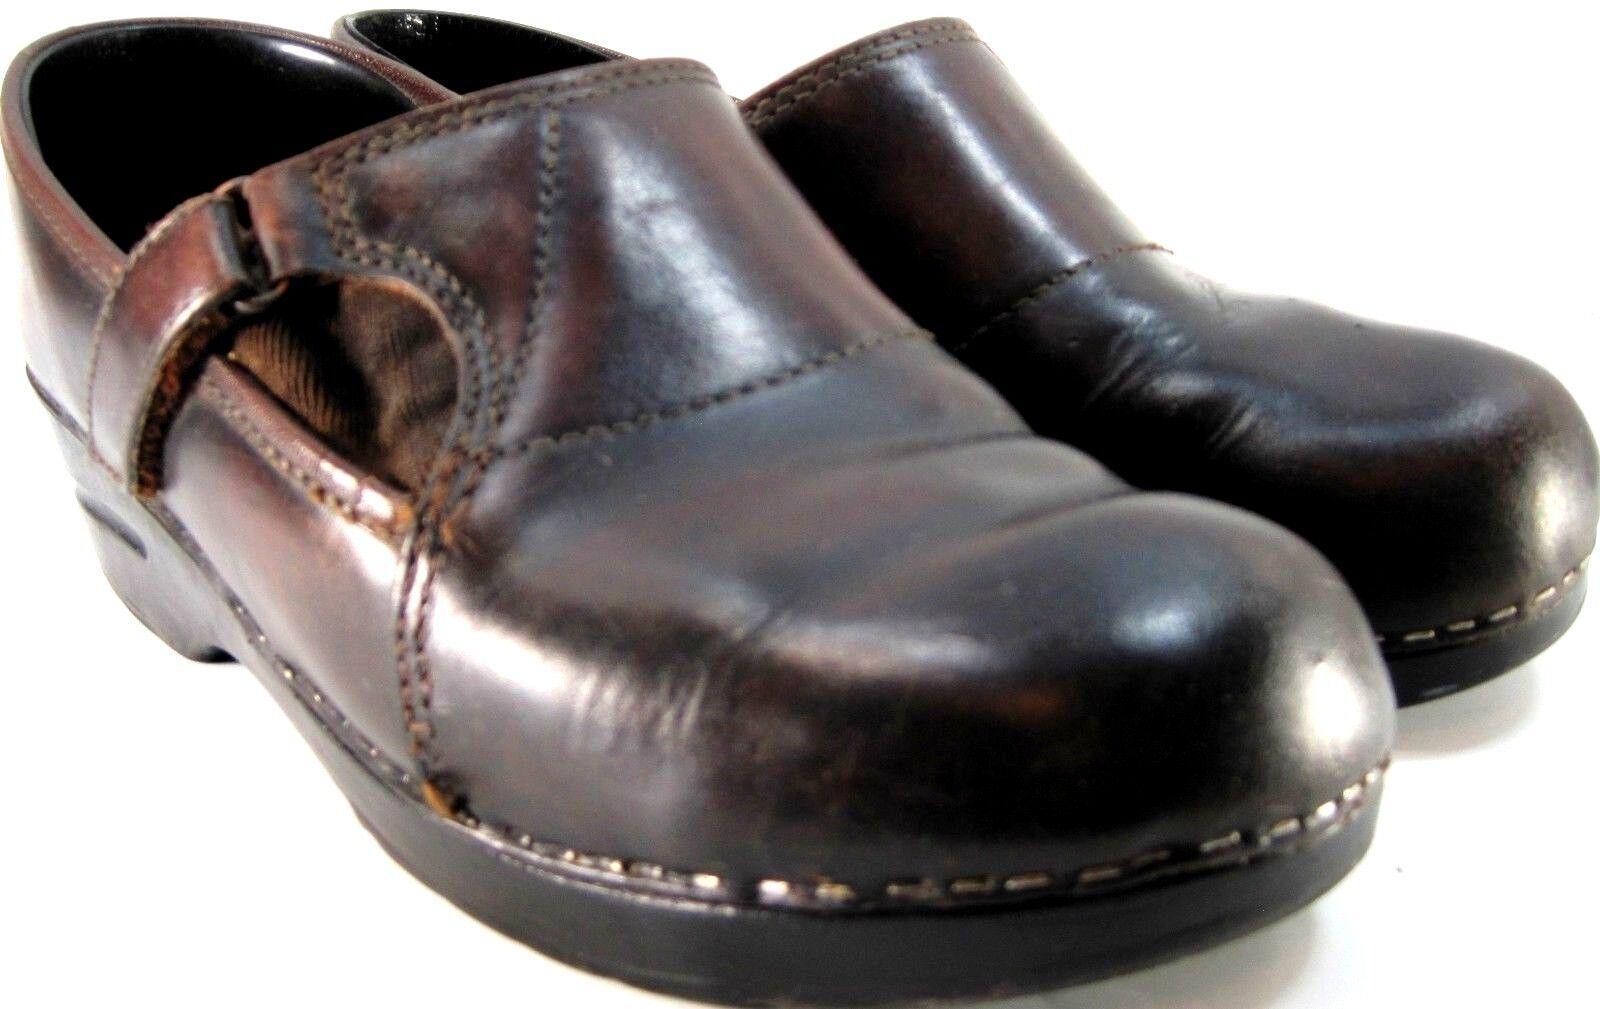 ultimi stili Dansks Dansks Dansks donna Clogs Dimensione 9 Euro 40 Marrone Vintage  marchio in liquidazione